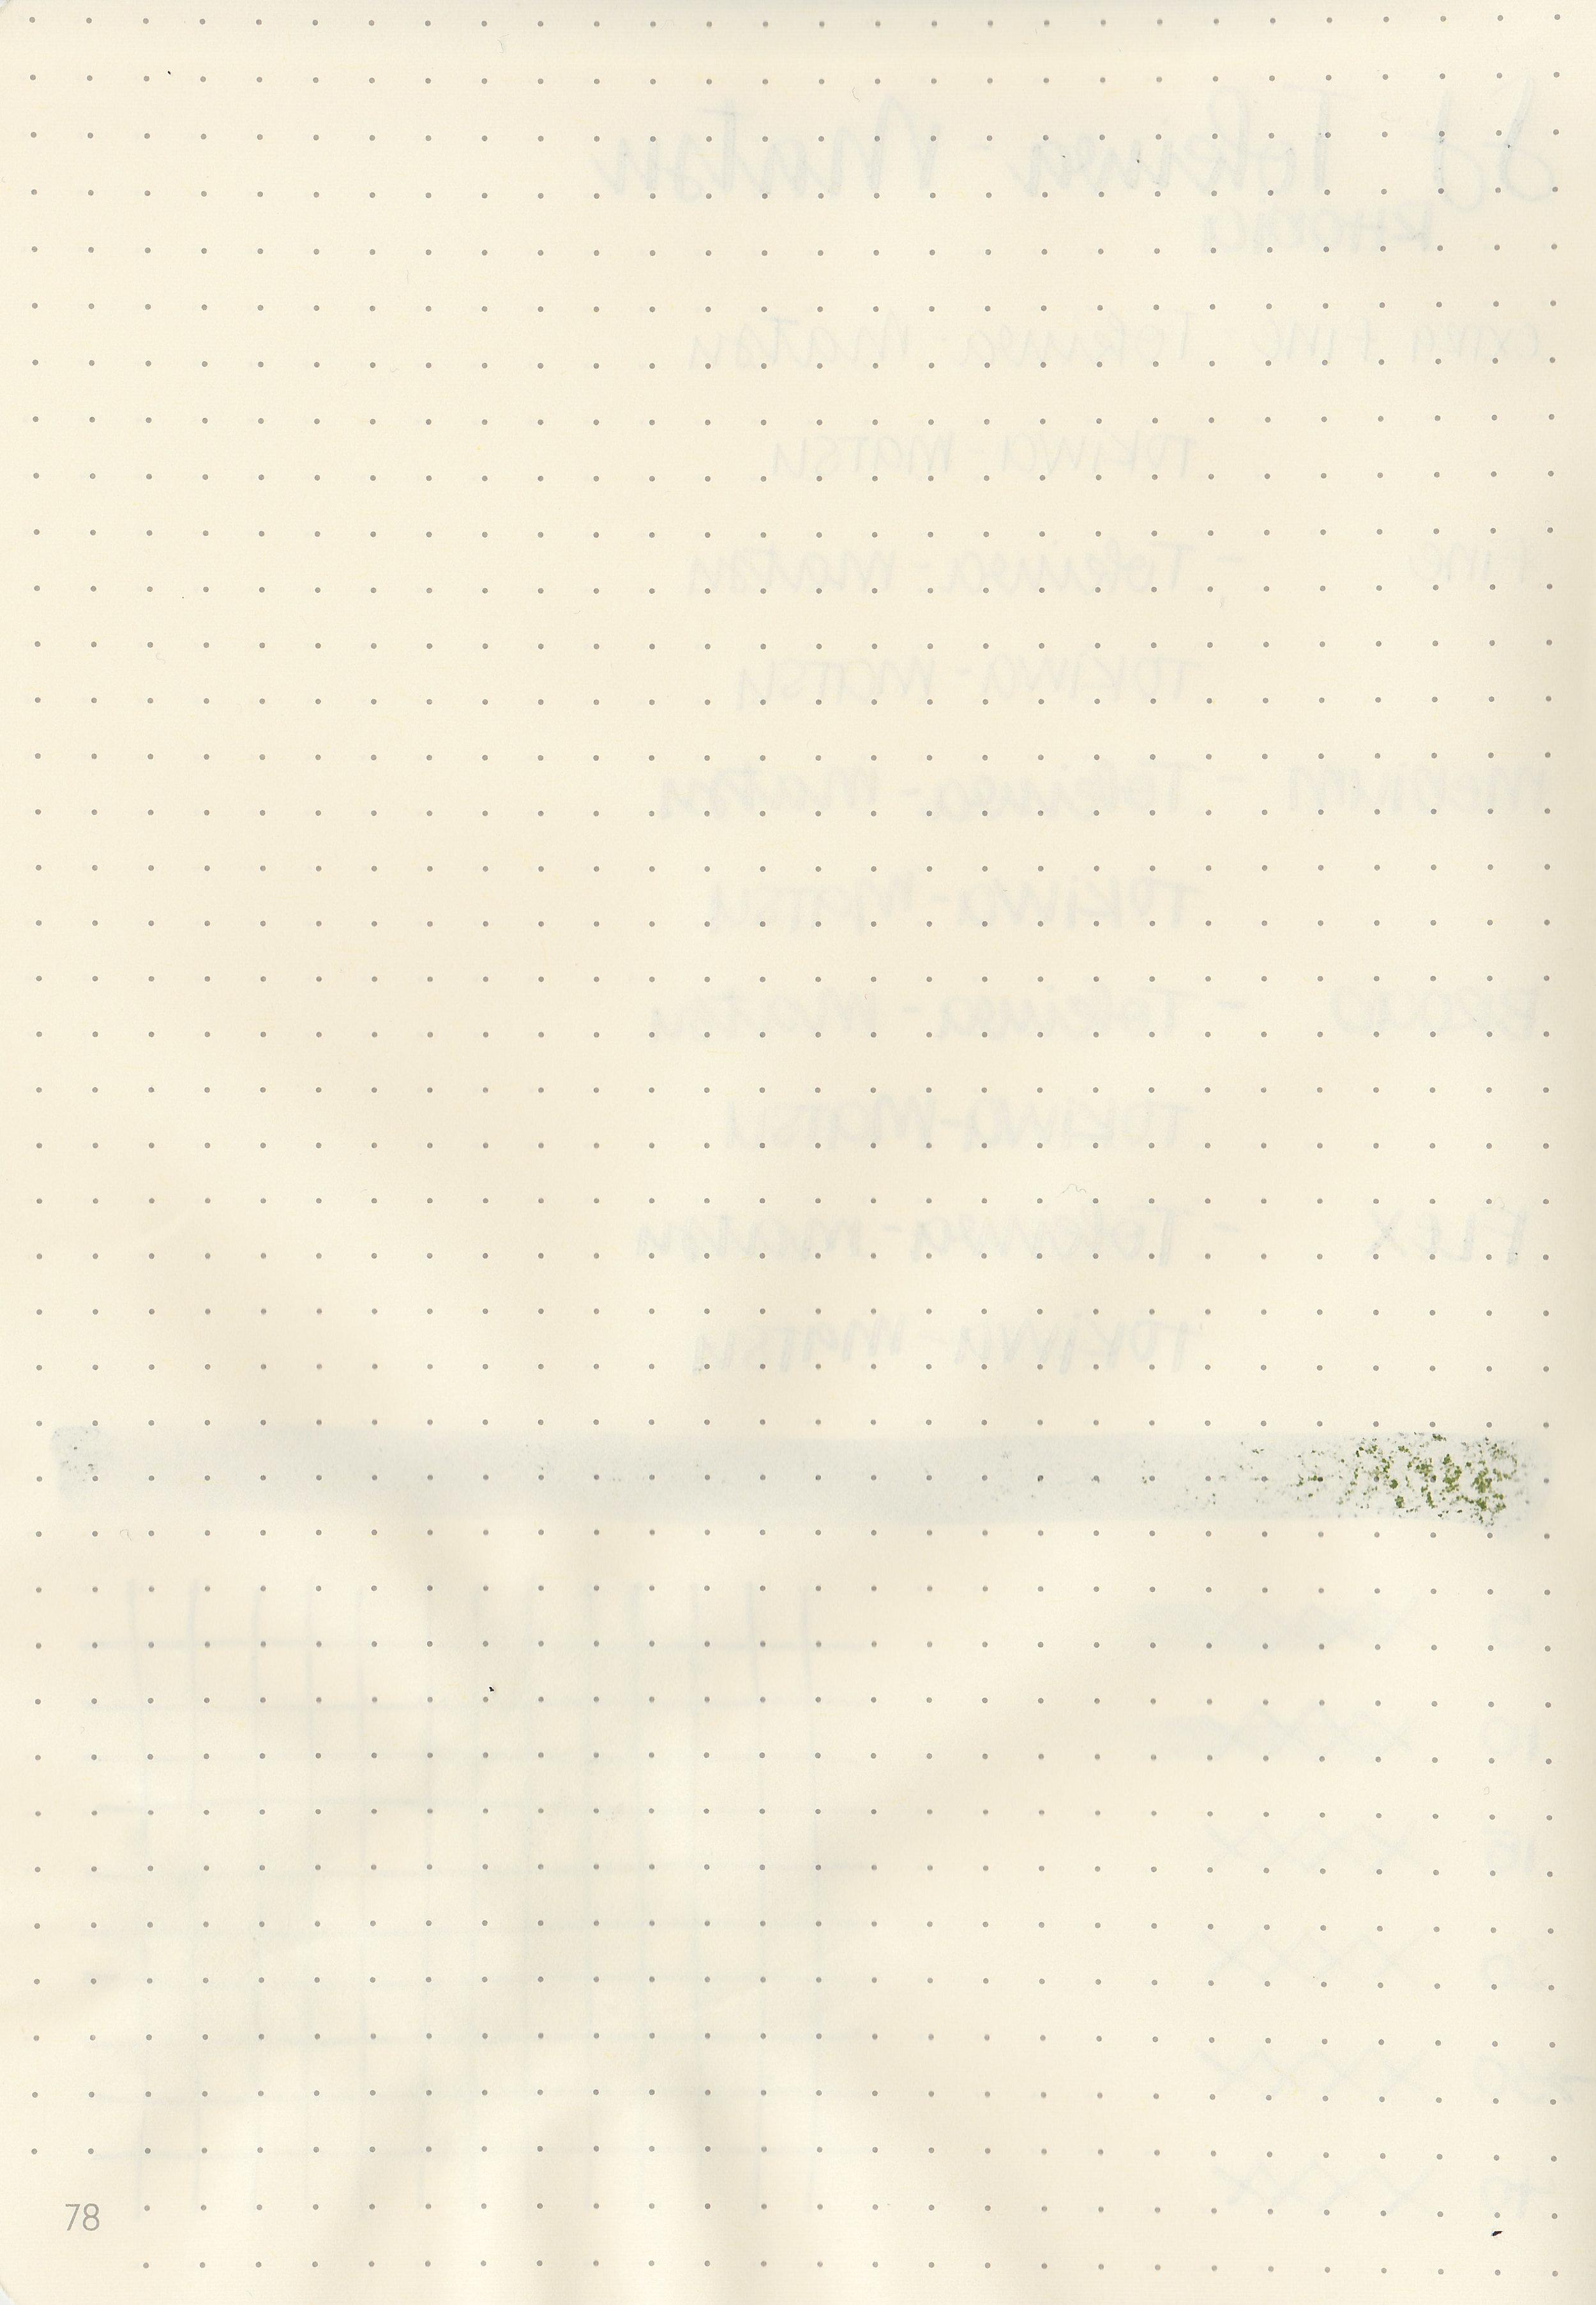 sj-tokiwa-matsu-4.jpg